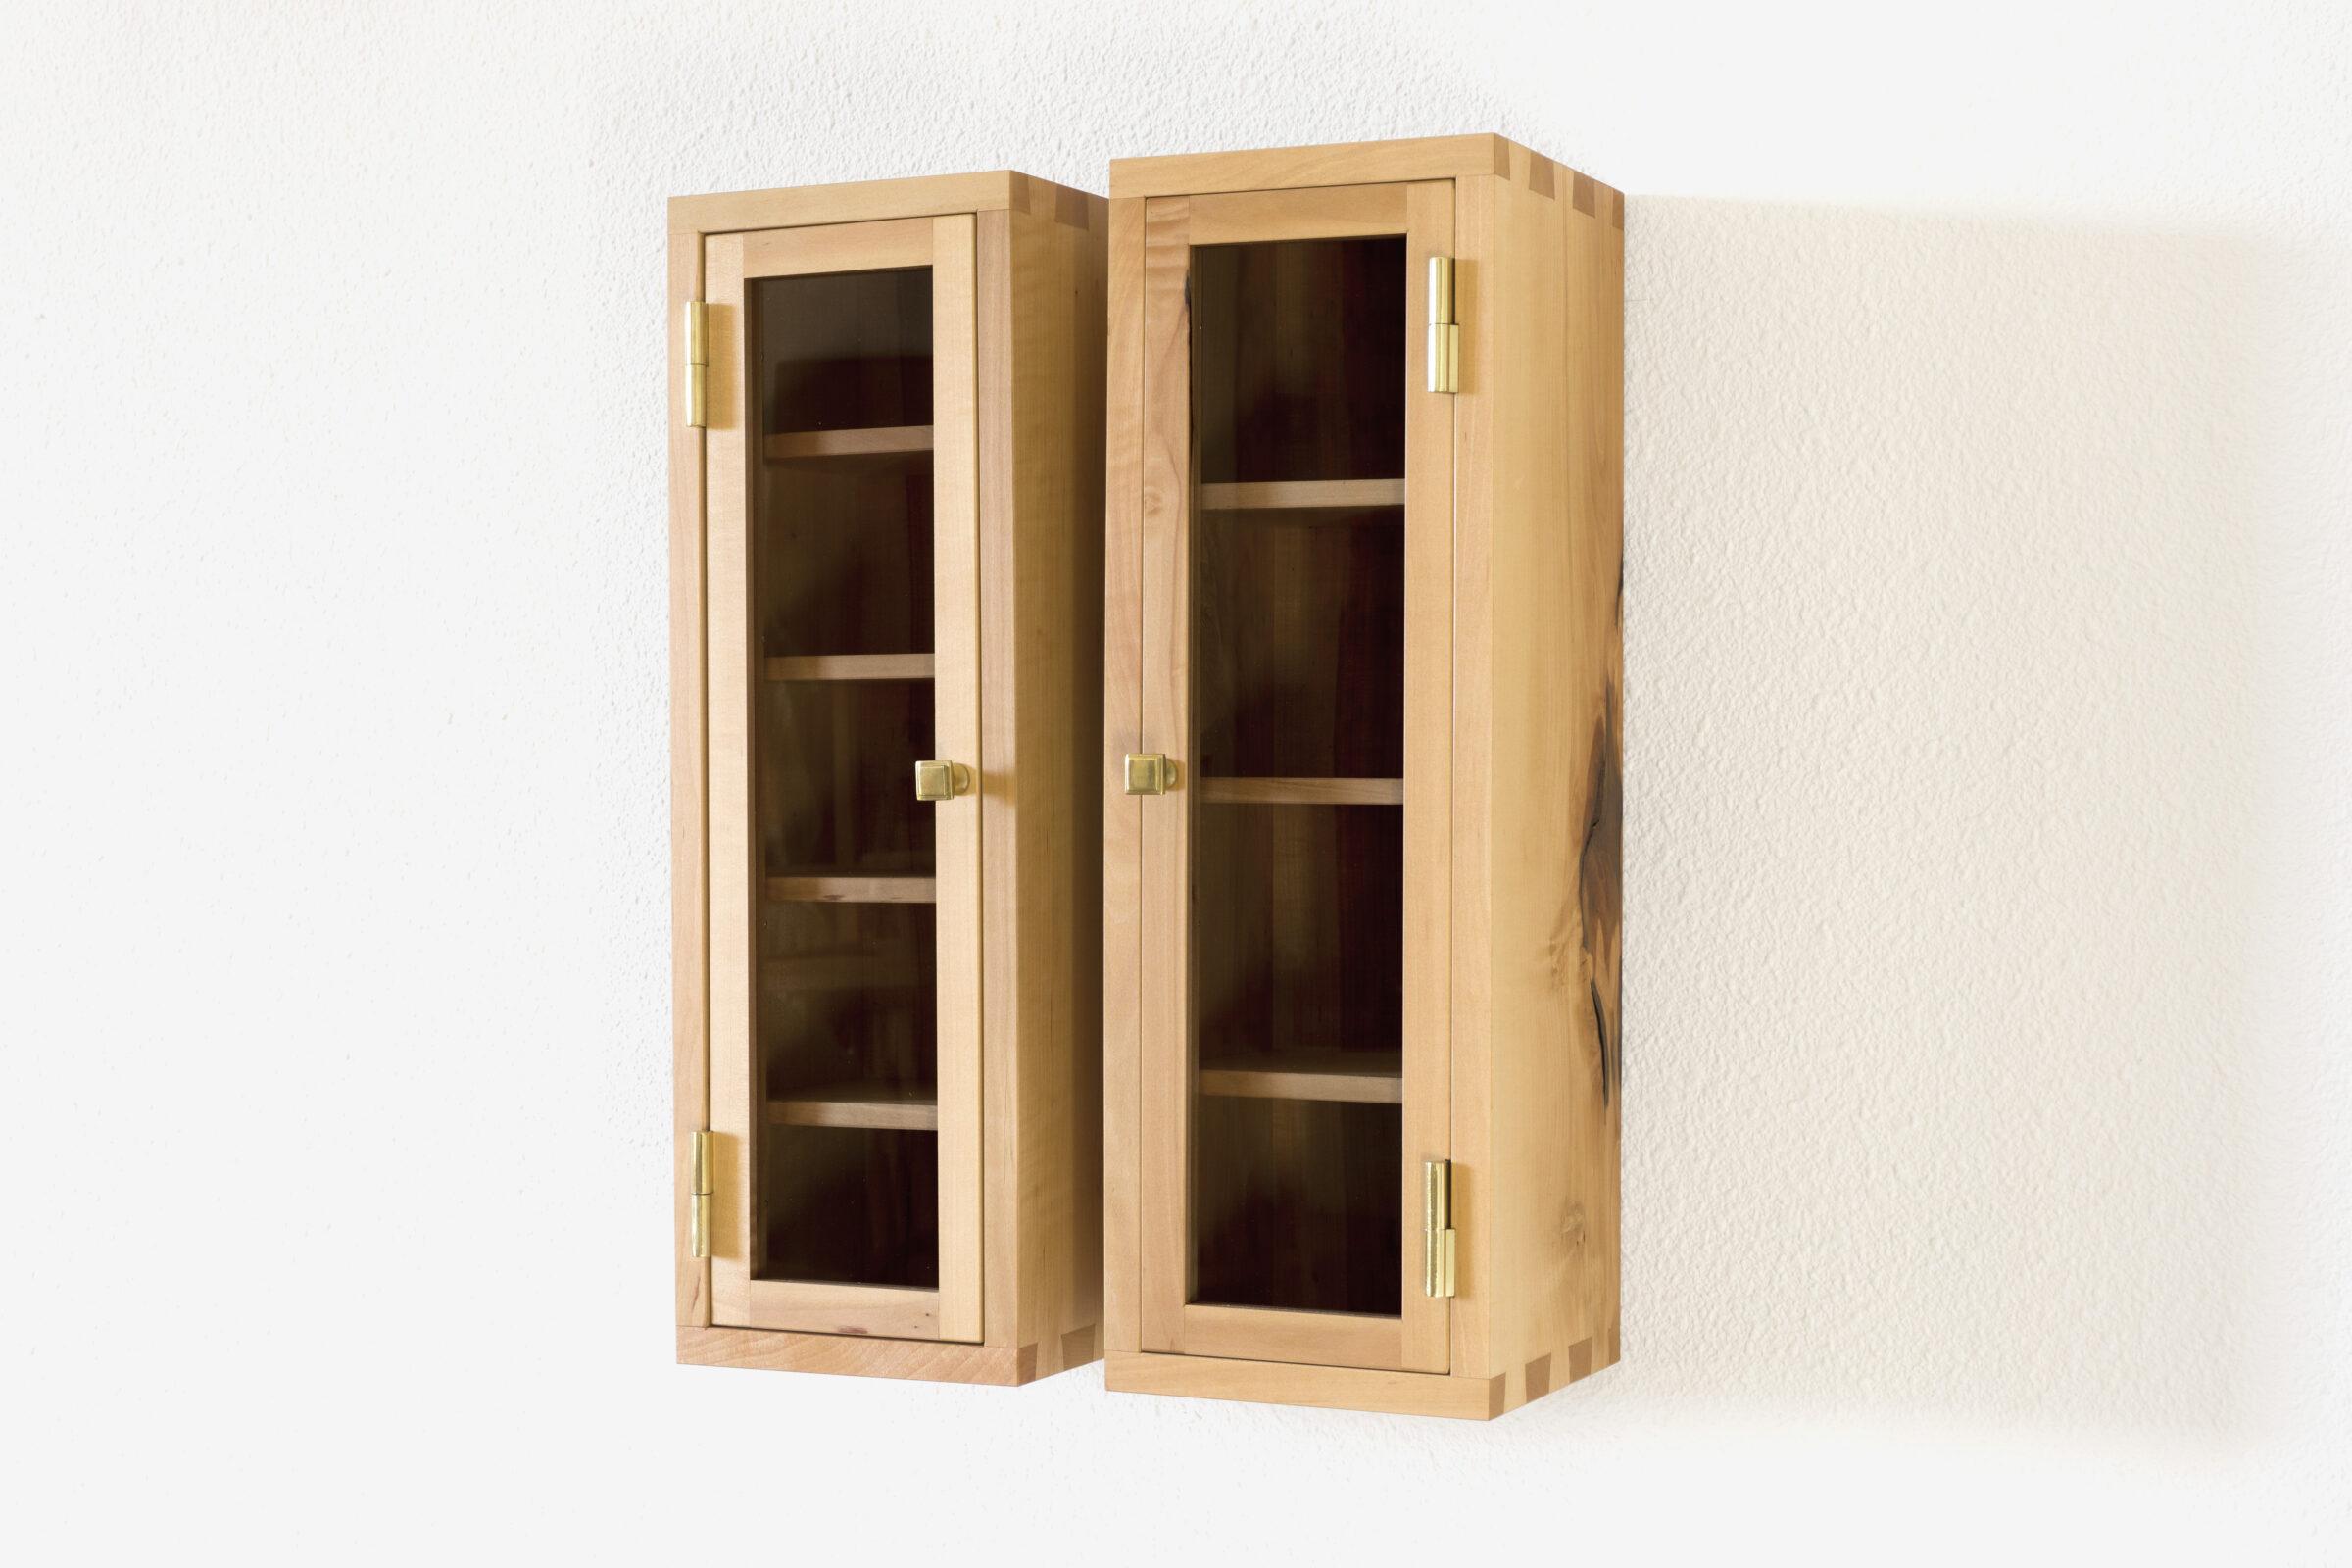 Glasschränkchen, seitlich, Massivholzmöbel handgemacht, Hochwertige Möbel aus Massivholz, Holzoberflächen handgehobelt, Einzelmöbelstücke, The Trees of Life